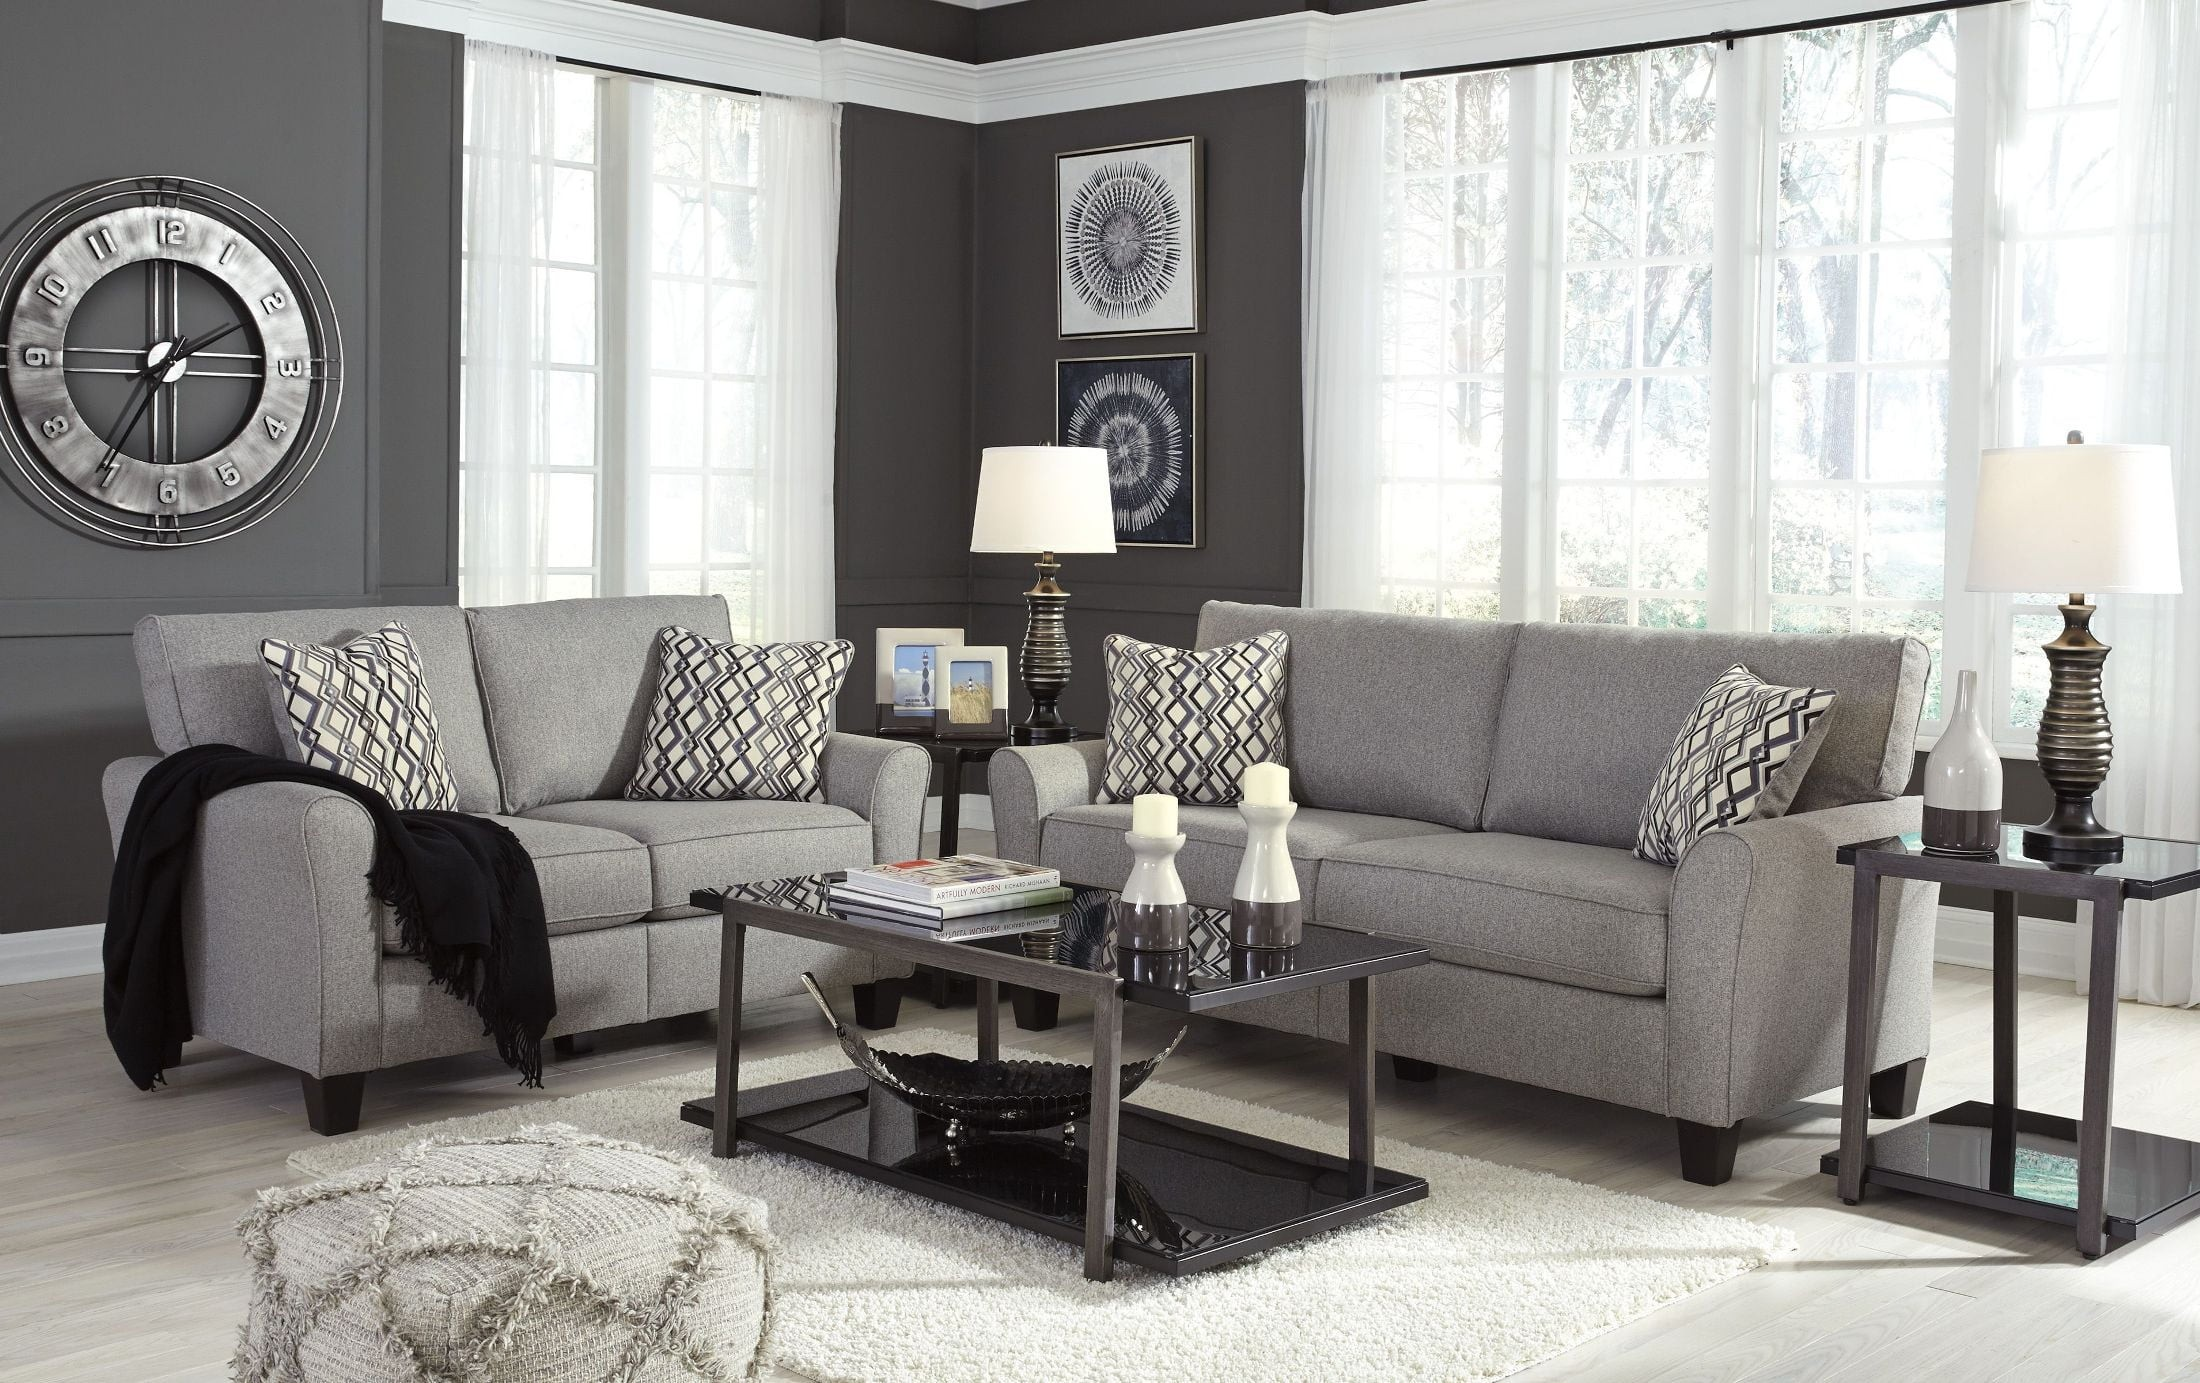 Strehela Silver Living Room Set Media Gallery 1